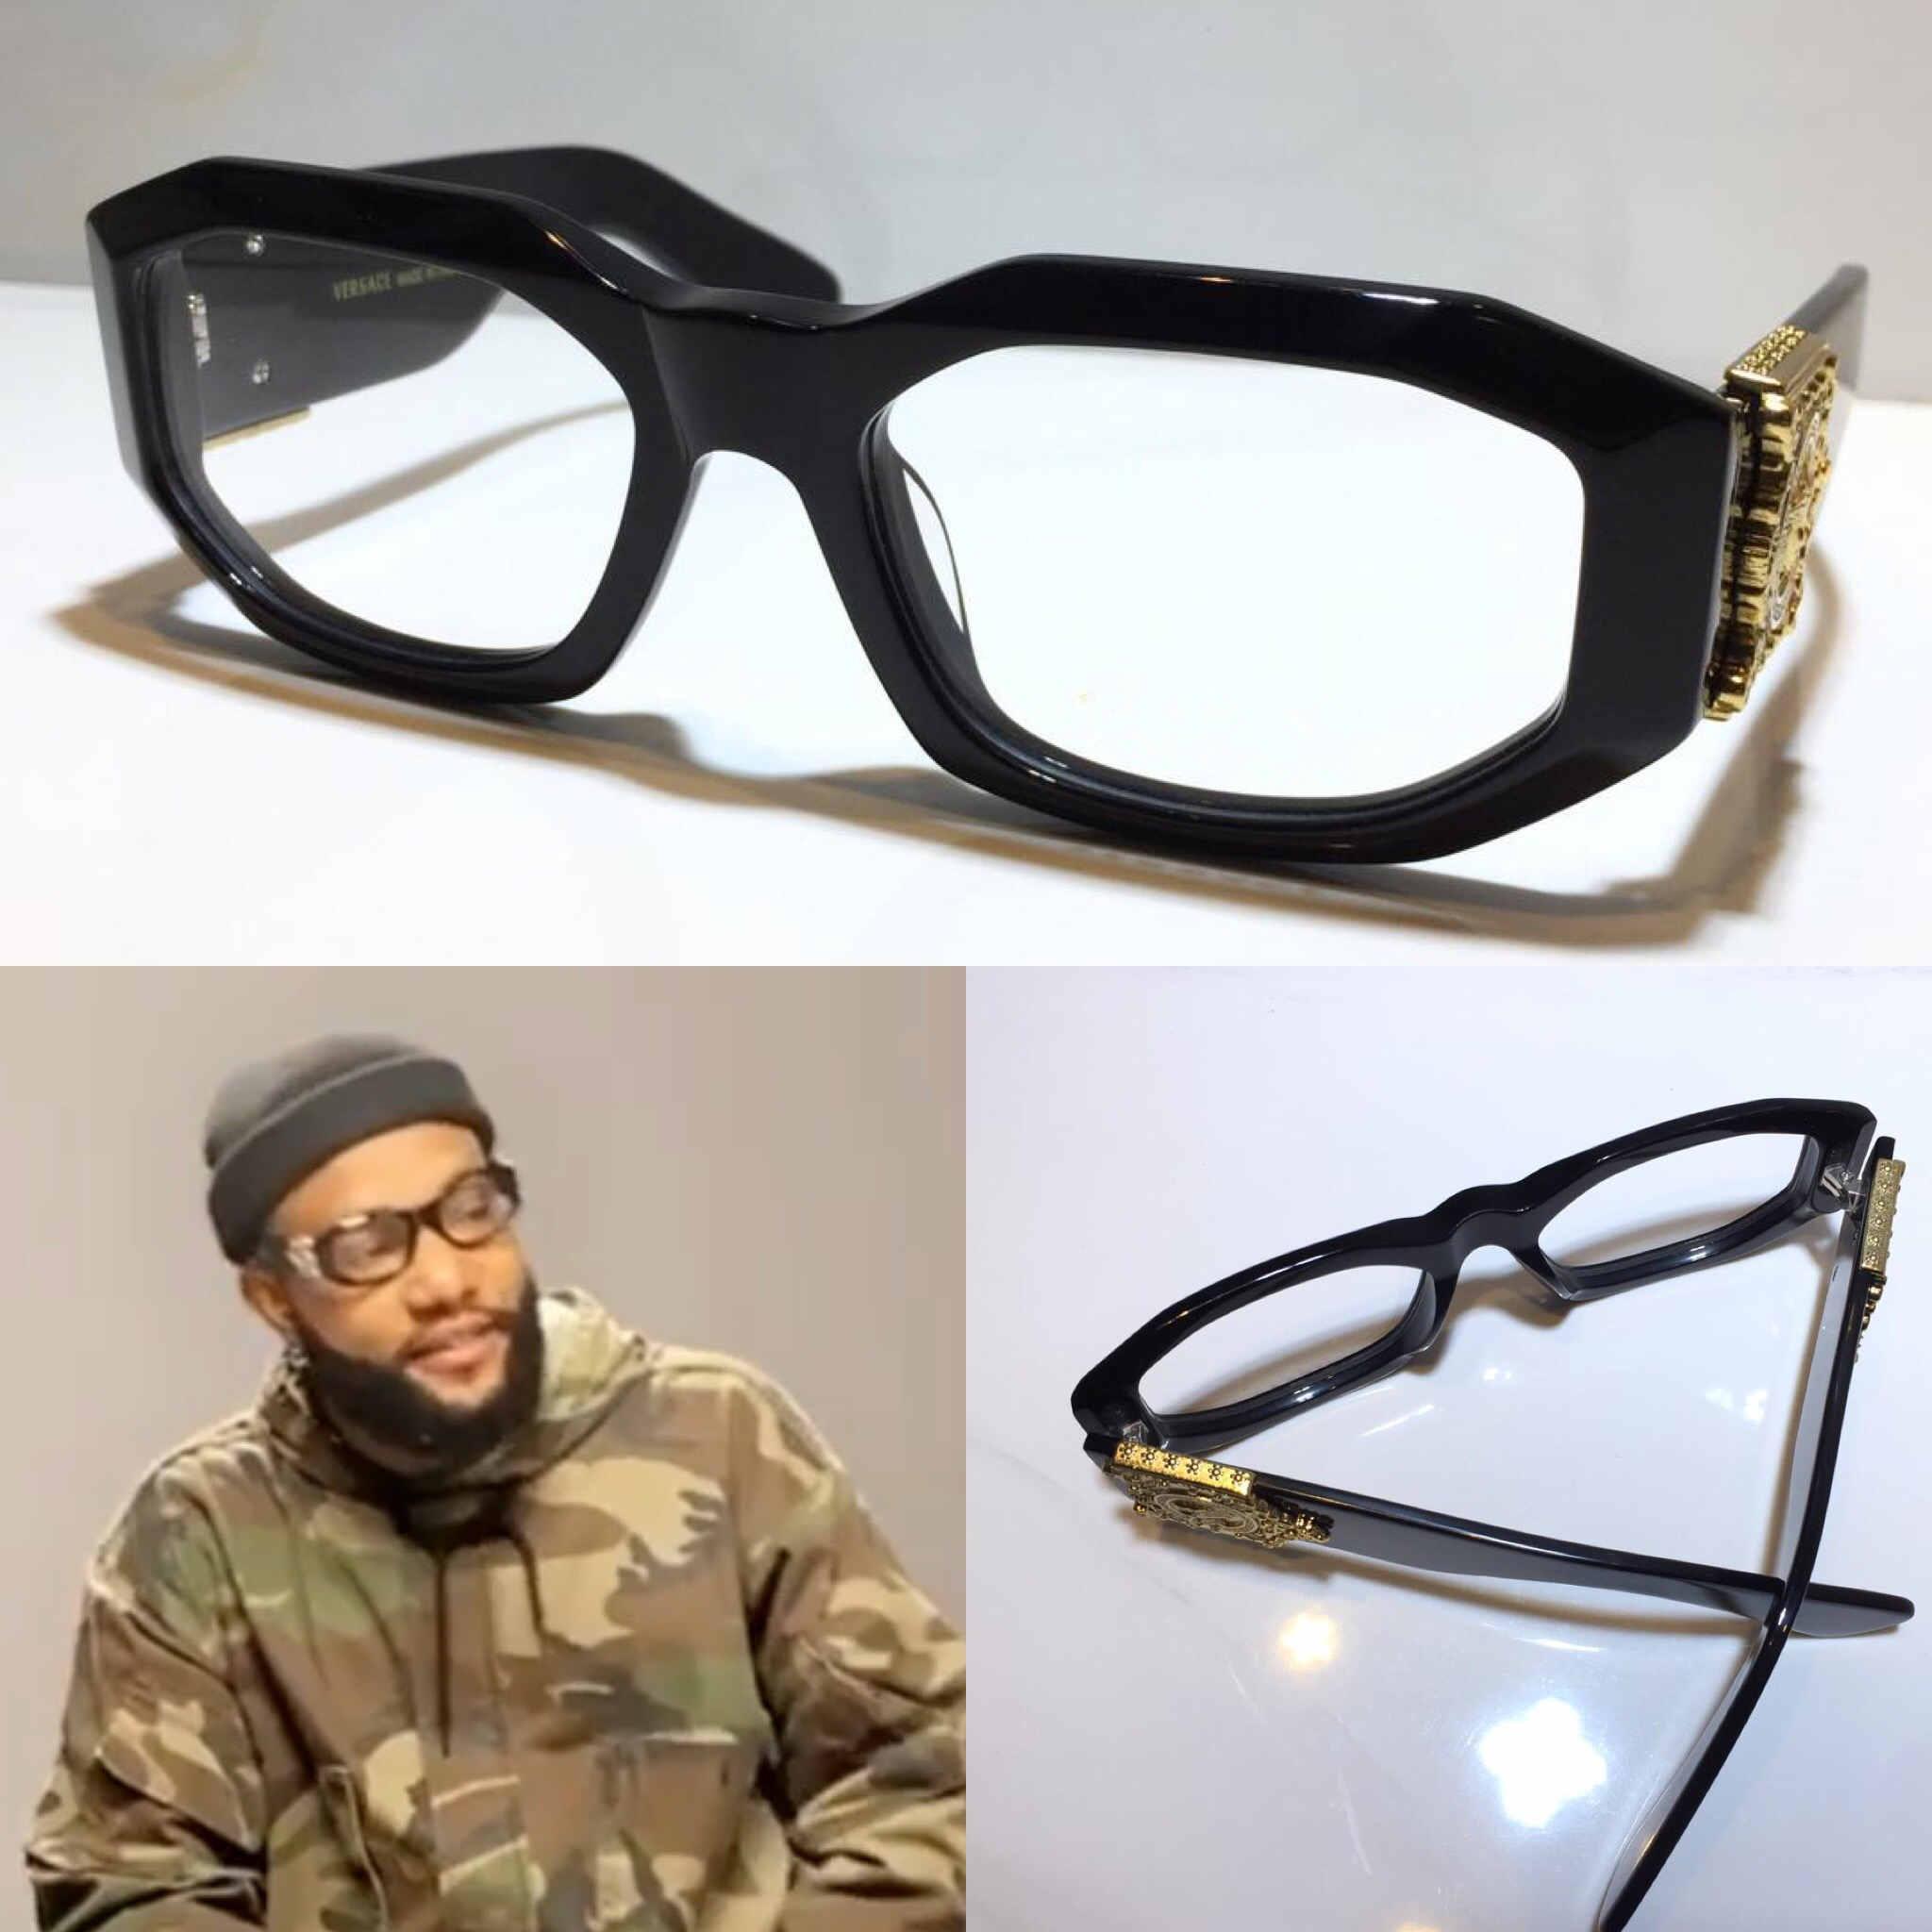 neue 2179 optische Gläser für Männer Designer Fashion Square Frame Klarglas Beliebte Sommer-Art-Brille Top-Qualität mit Fall 2179S